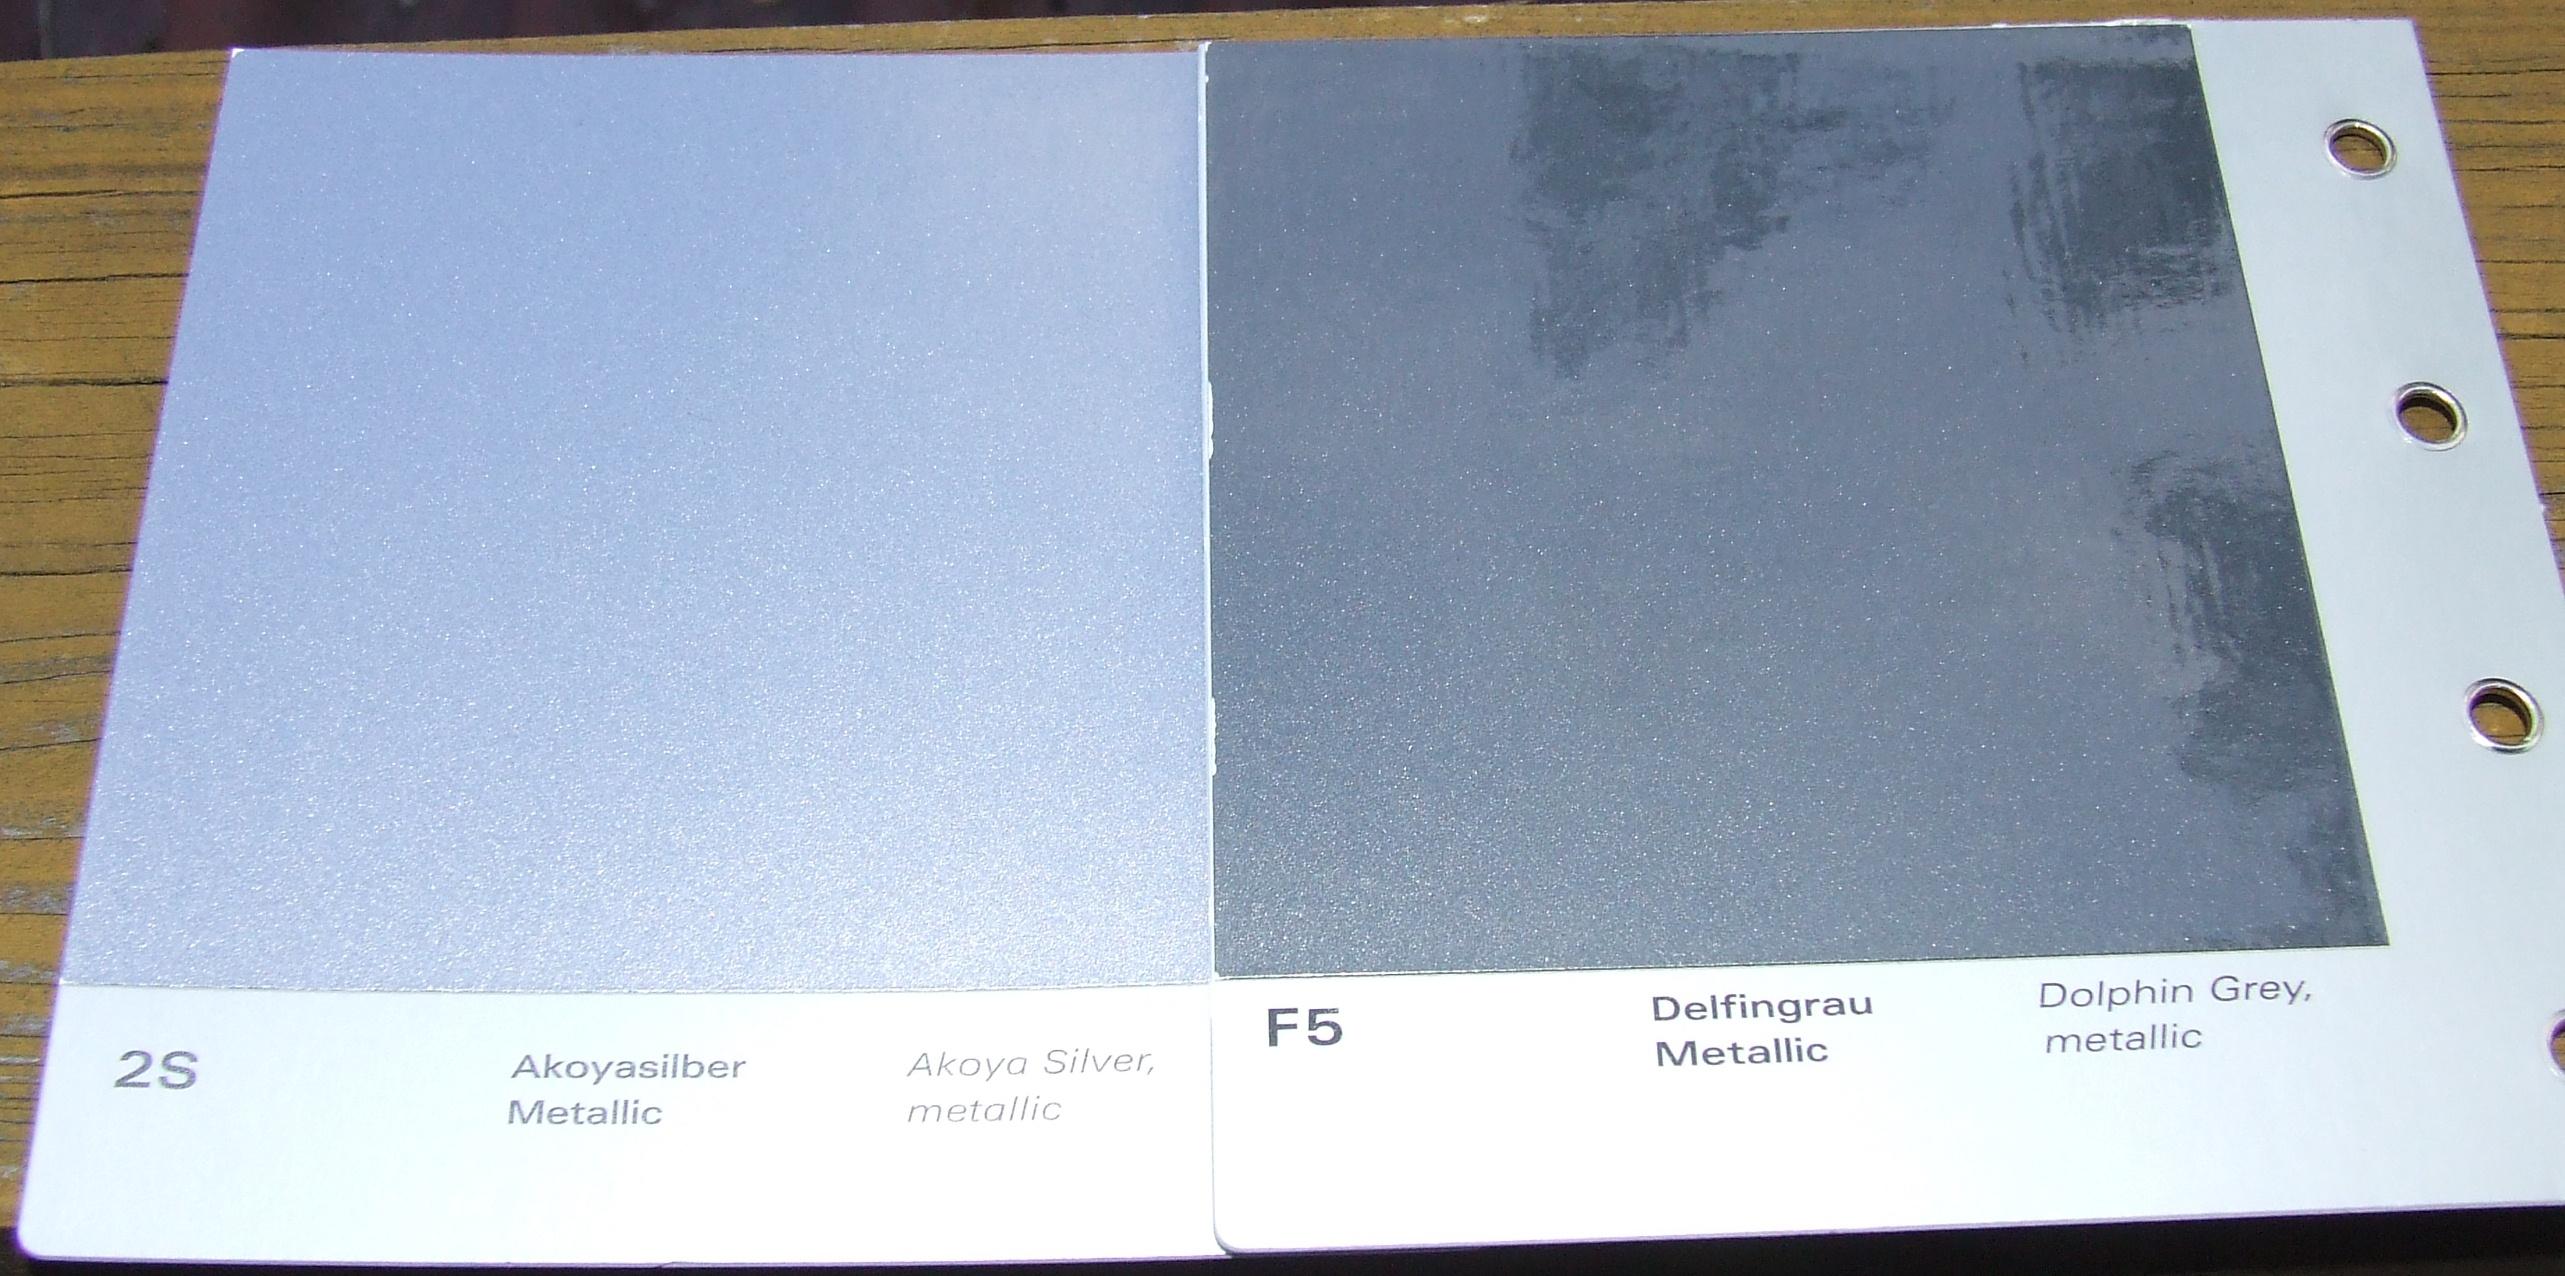 Akoya-Delfin1.jpg.4dd8084cd85d07649f81b4b1326bdbb5.jpg